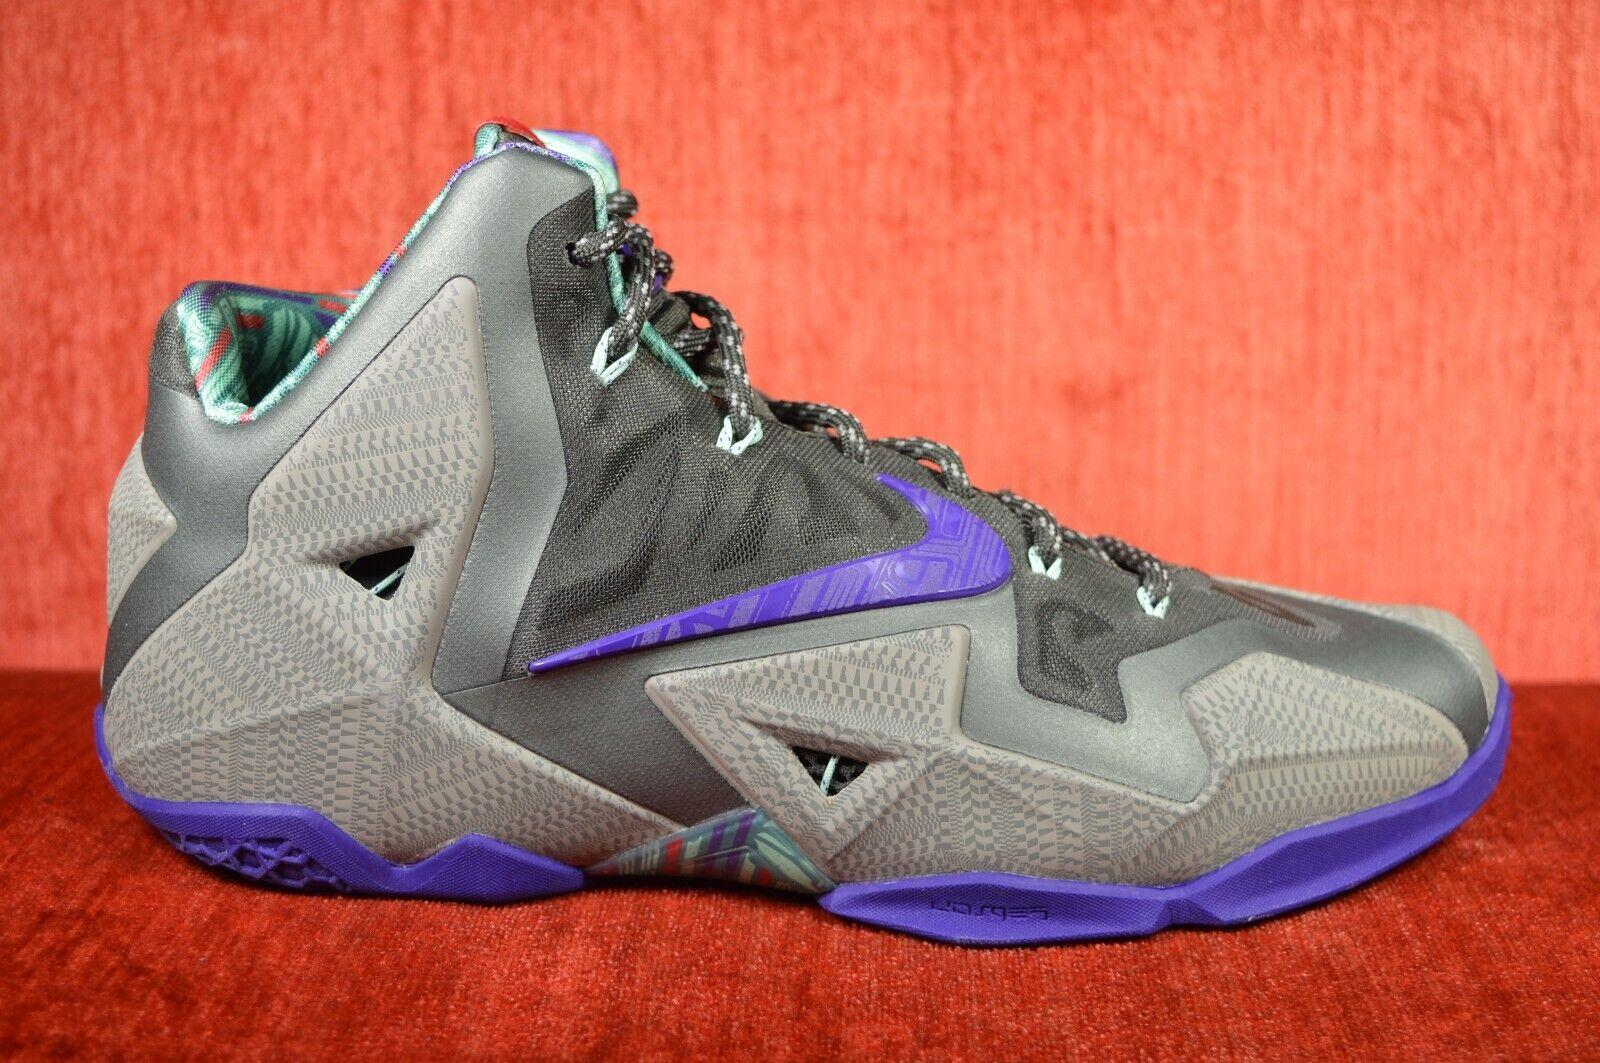 WORN TWICE Nike Lebron XI Terracotta  Guerriero Grigio viola 6175 -005 Dimensioni 11  prendiamo i clienti come nostro dio